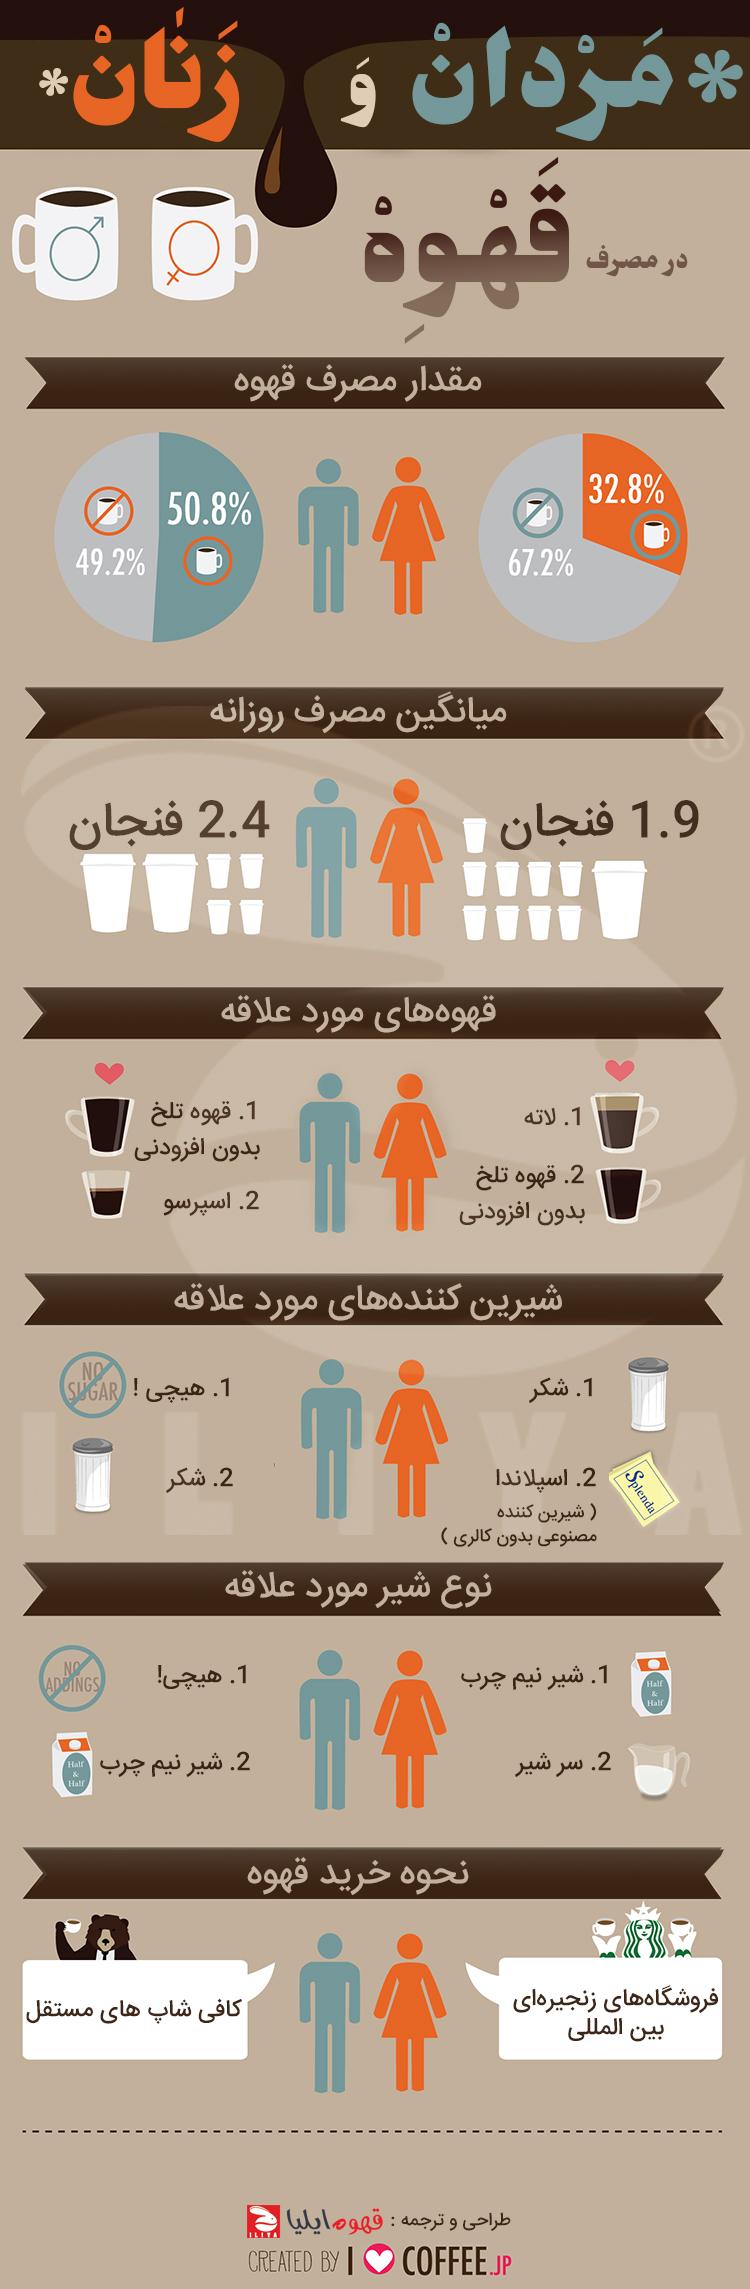 مردان و زنان در مصرف قهوه